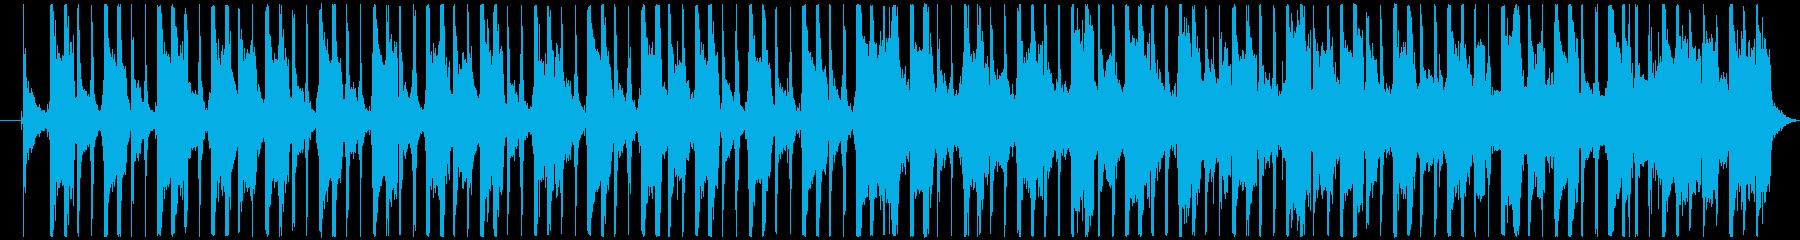 少し緊張感のあるロック調ジングル・BGMの再生済みの波形